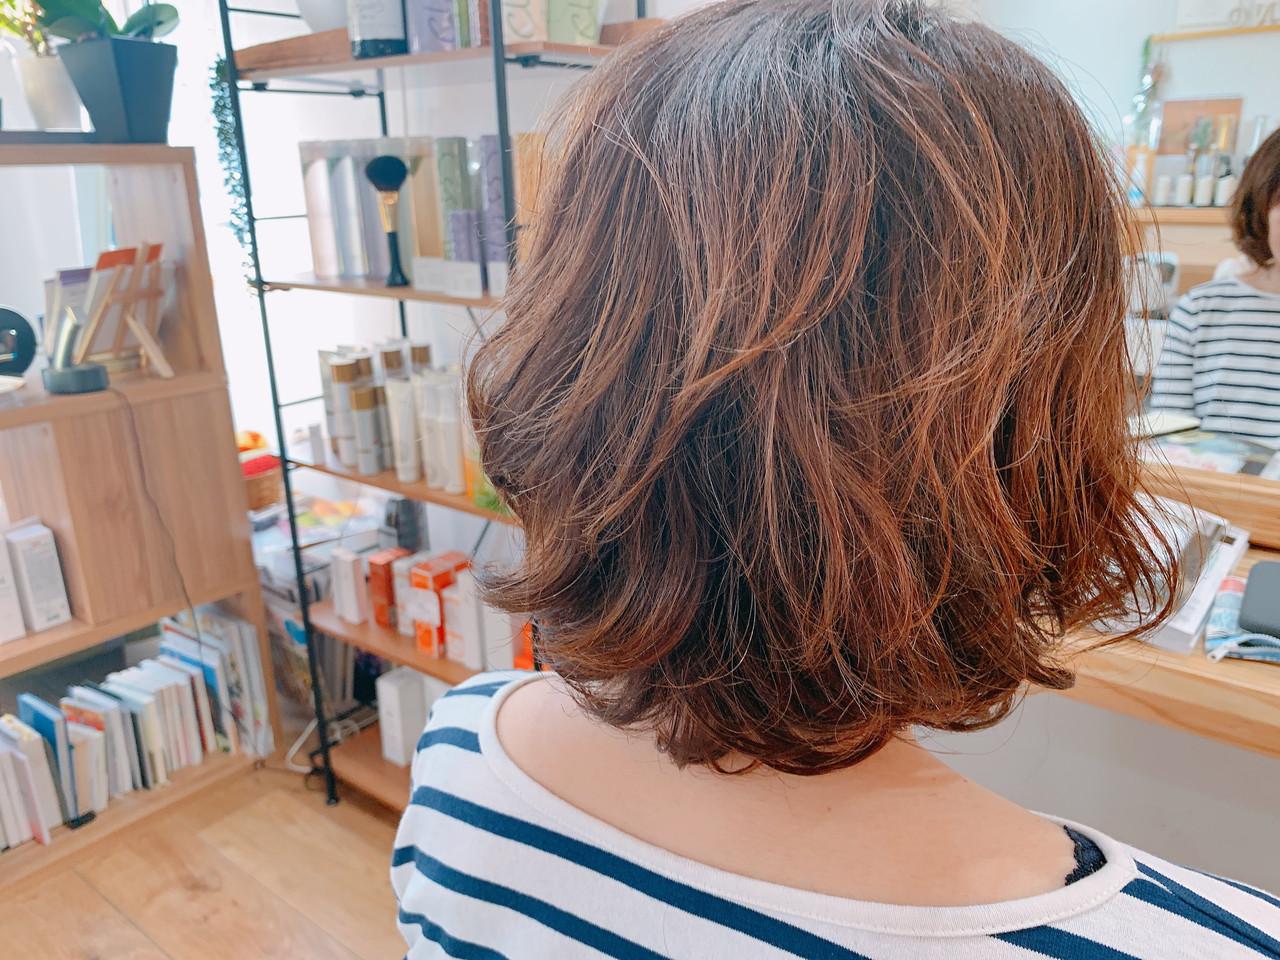 ゆるふわパーマ エアウェーブ ナチュラル ミディアム ヘアスタイルや髪型の写真・画像 | 岩見 さやか / hairsalon   mino